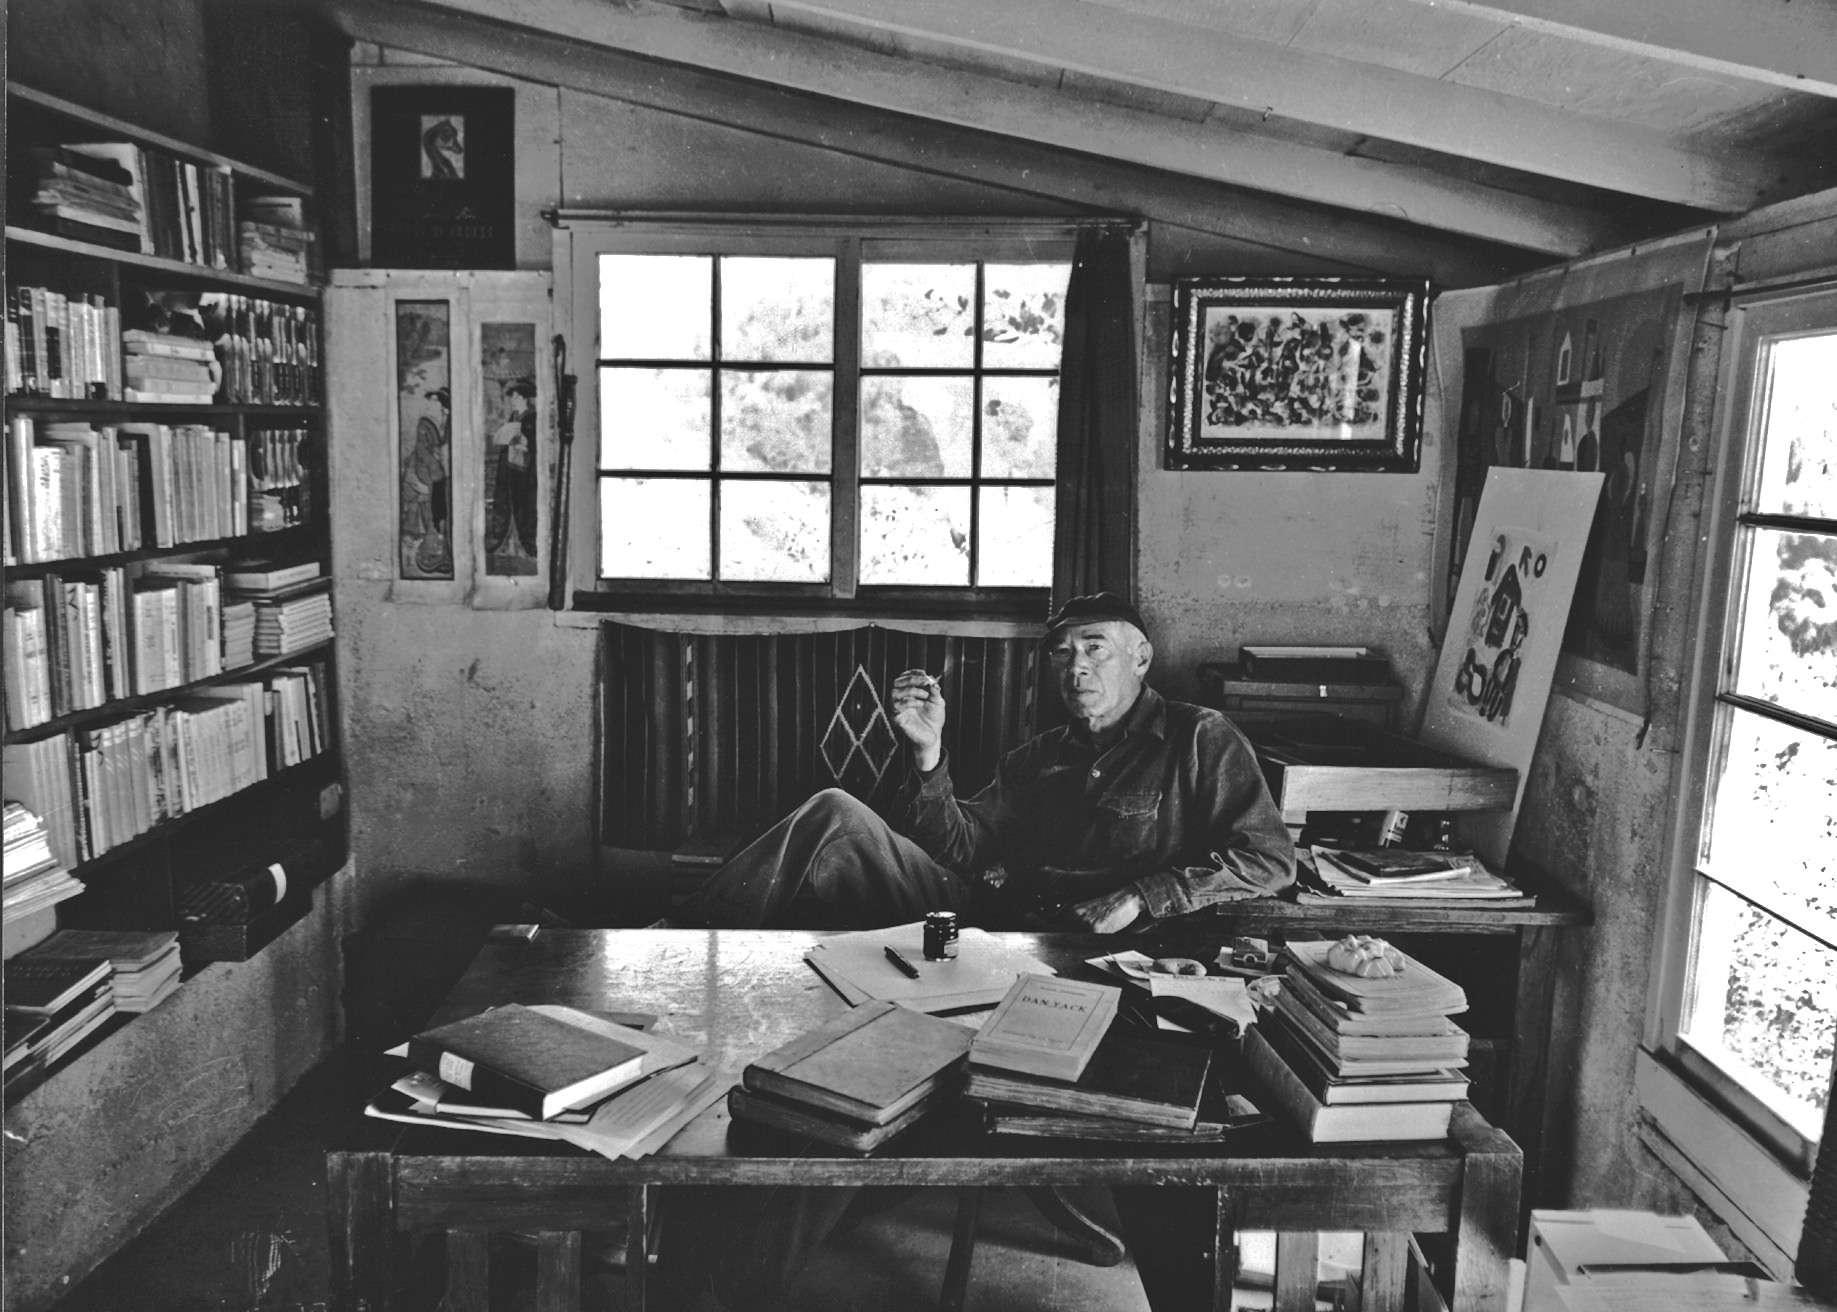 Ο Χένρυ Μίλλερ (Henry Miller), (26 Δεκεμβρίου 1891 - 7 Ιουνίου 1980) ήταν Αμερικανός συγγραφέας του οποίου το έργο άσκησε σημαντική επιρροή στη λογοτεχνία την περίοδο του μεσοπολέμου, ενώ εκτιμήθηκε ιδιαίτερα από τους συγγραφείς της γενιάς μπητ. Ως πεζογράφος διακρίνεται για το άμεσο, ελεύθερο και έντονα αυτοβιογραφικό ύφος του. Ανάμεσα στα κυριότερα έργα του συγκαταλέγονται ο Τροπικός του Καρκίνου, ο Τροπικός του Αιγόκερω και η τριλογία Η Ρόδινη Σταύρωση.